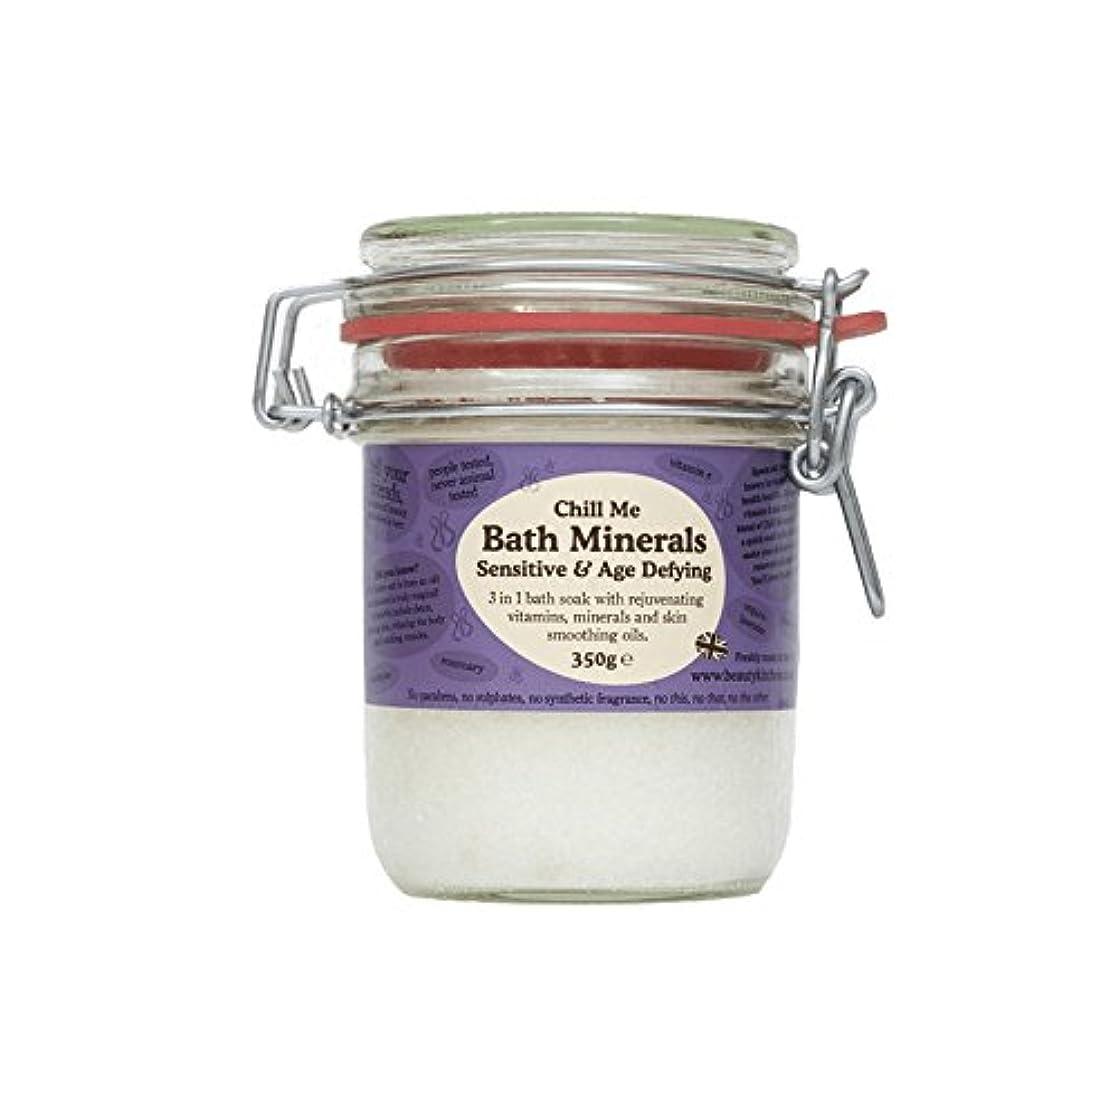 エコー乱気流ジャングル美しさのキッチンは私の敏感&年齢挑むバス鉱物350グラムを冷やします - Beauty Kitchen Chill Me Sensitive & Age Defying Bath Minerals 350g (Beauty...